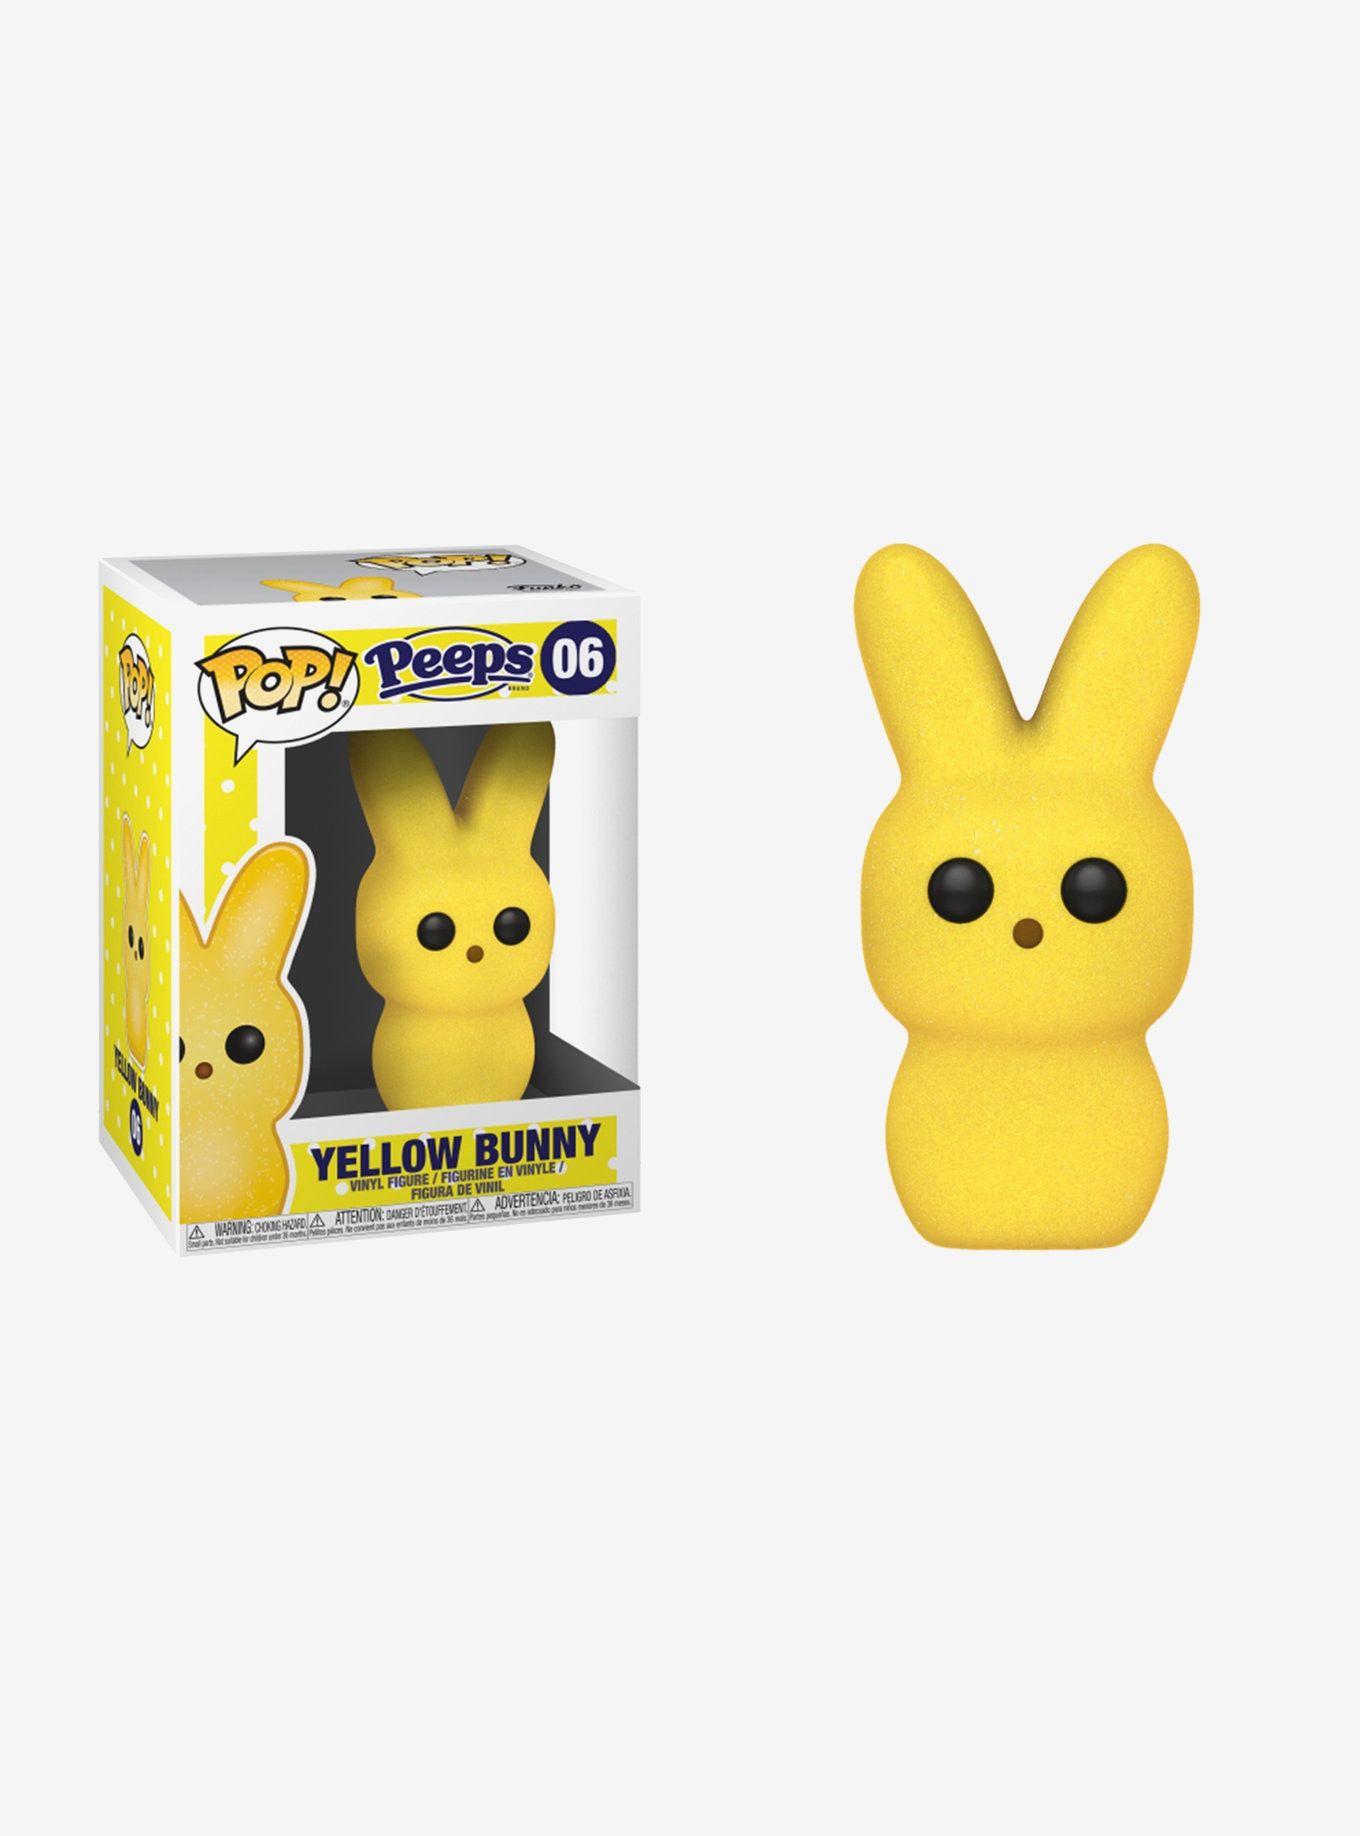 Funko Peeps Pop Yellow Bunny Vinyl Figure Vinyl Figures Toy Story Slinky Kids Pop